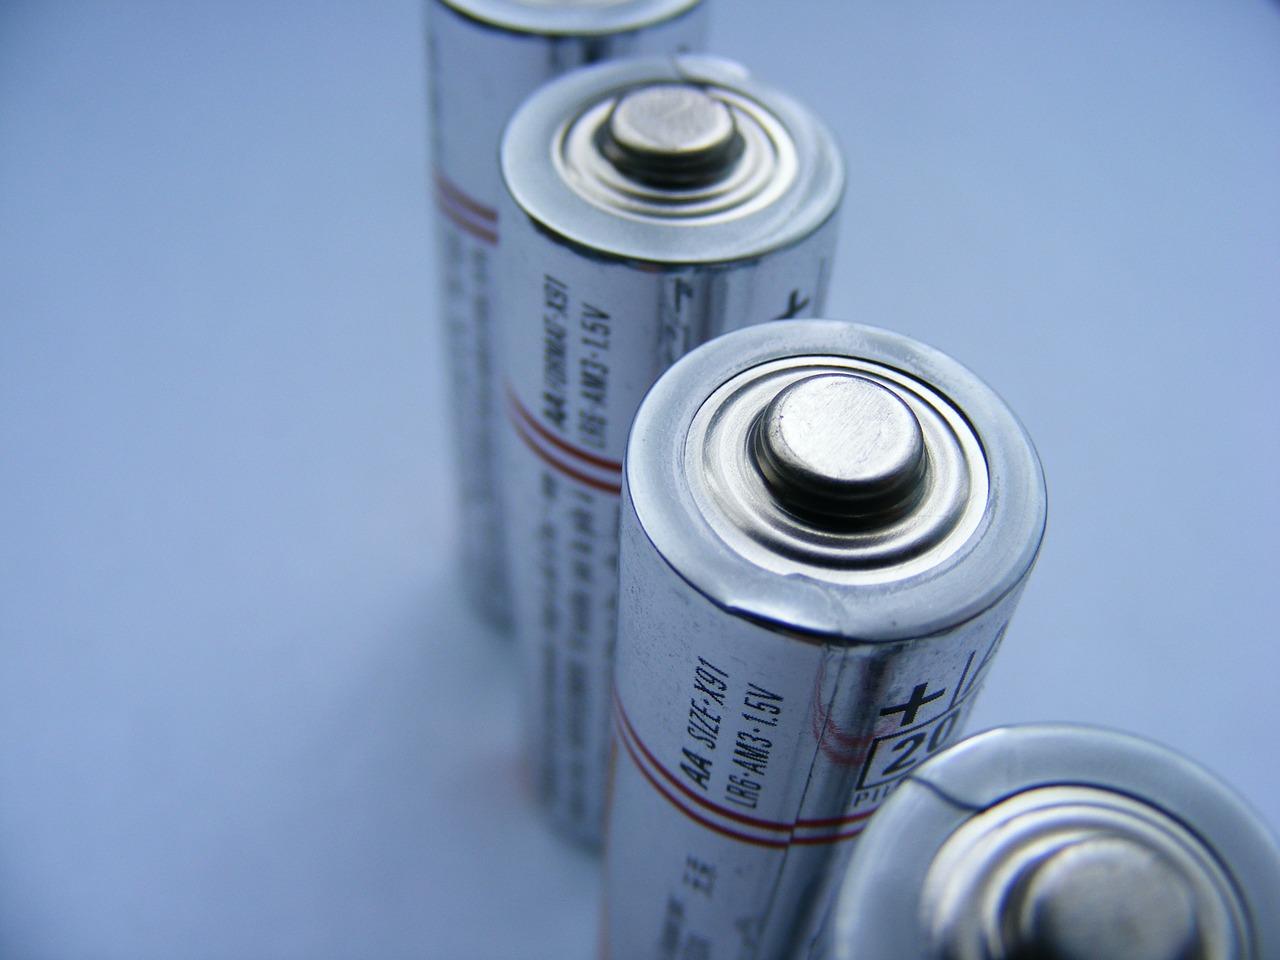 サンコー 入れるだけUSB電池充電器「充電ポット」充電池は付属?サイズ感は?